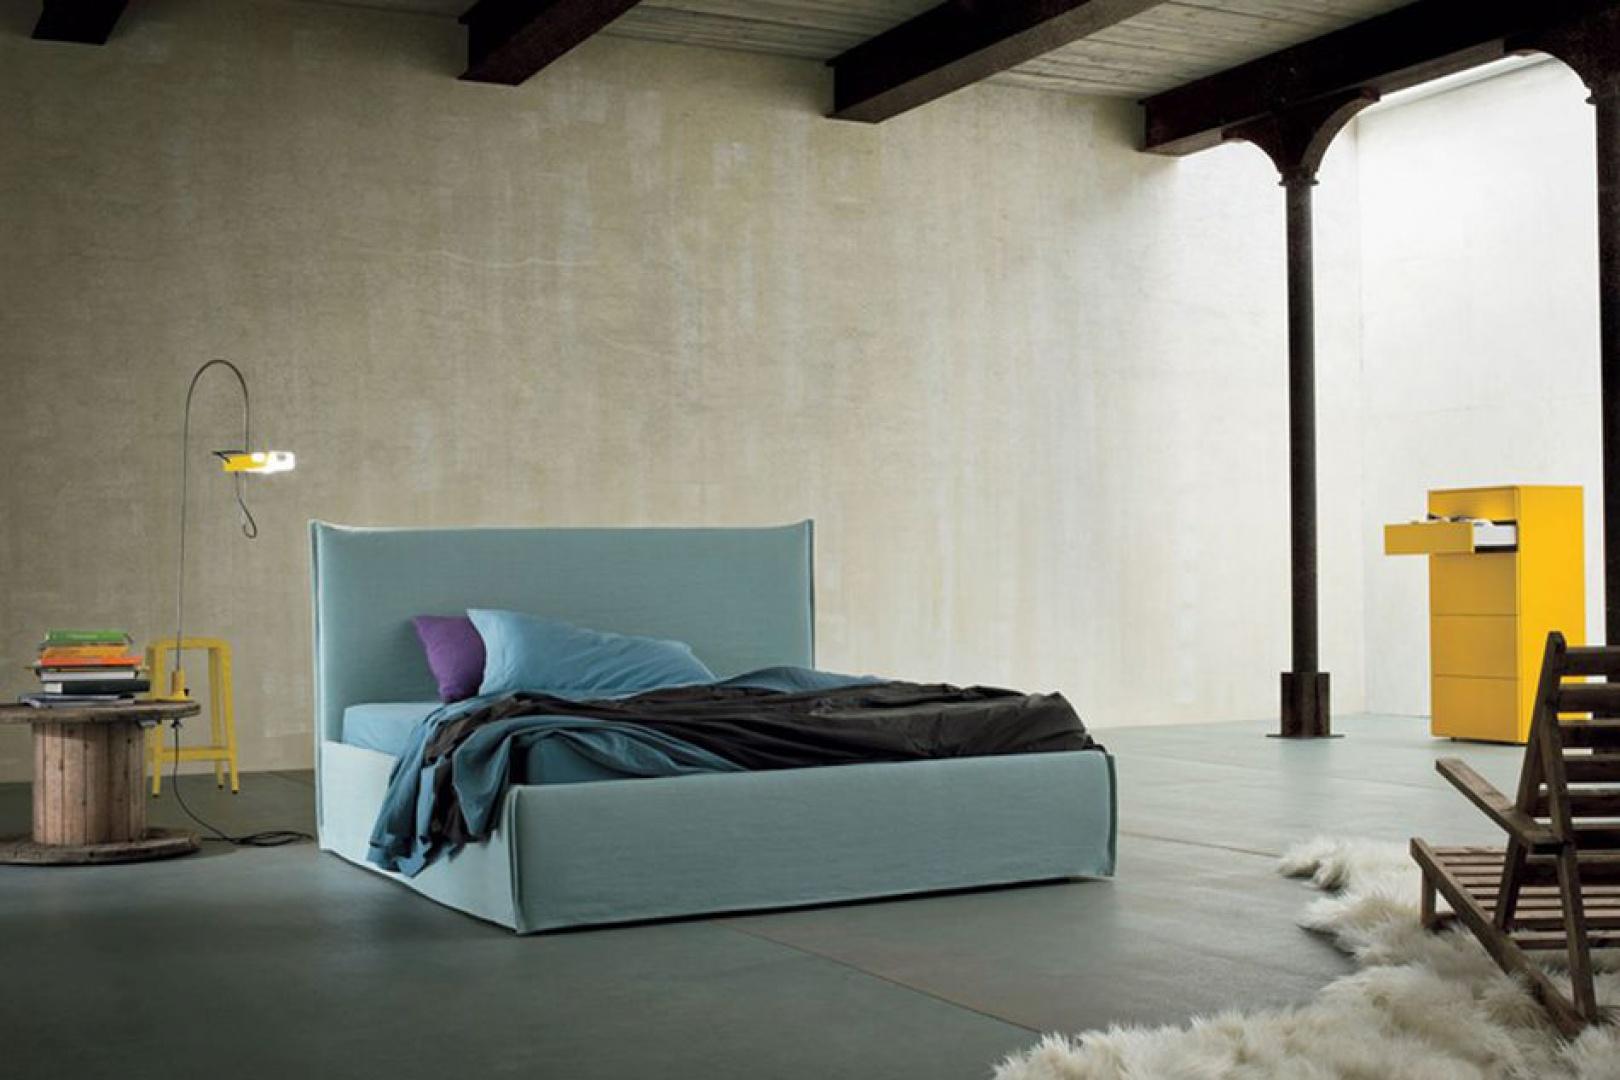 Tapicerowane, błękitne łóżko o prostej formie doskonale sprawdzi się w nowoczesnych wnętrzach. Fot. Dall'Agnese.